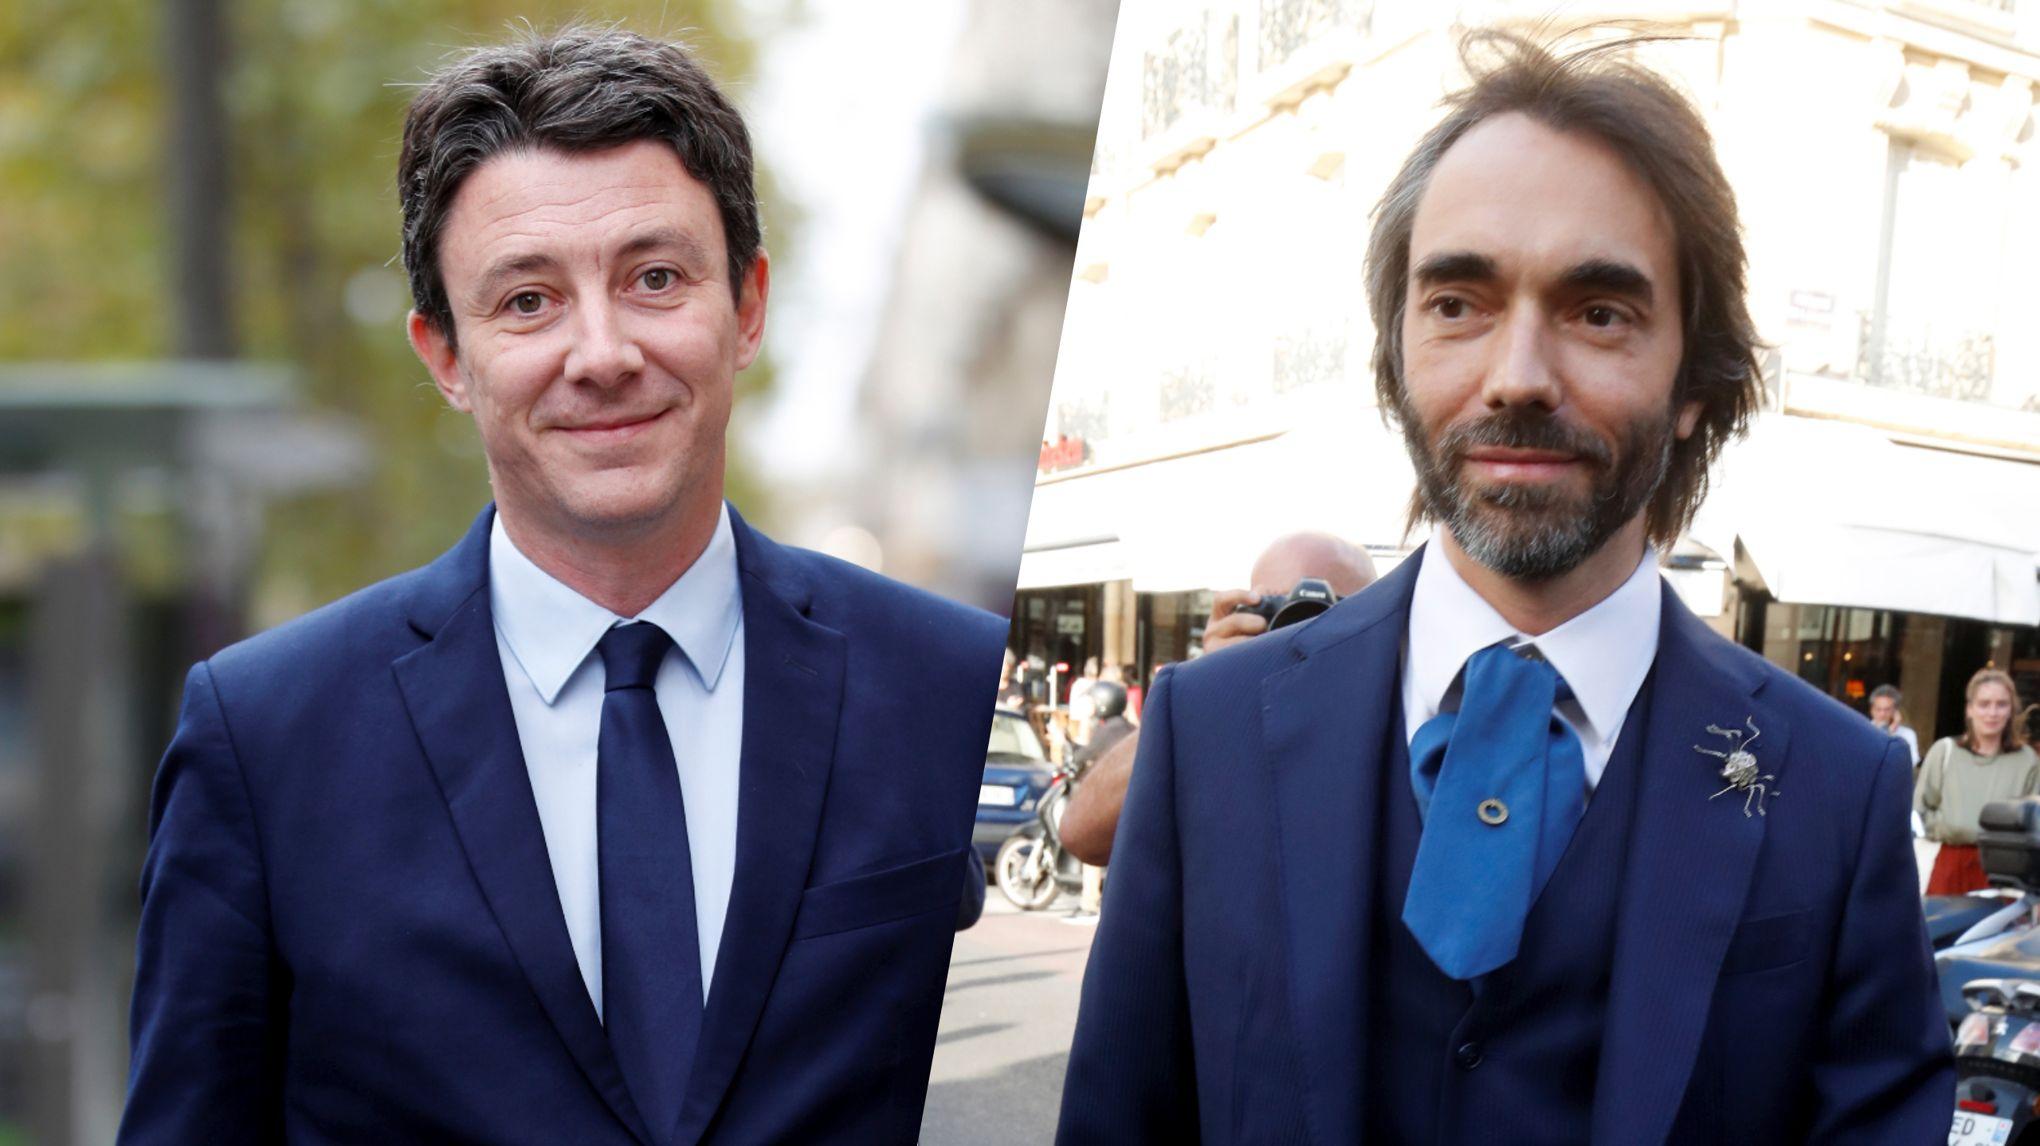 Municipales à Paris: entre Griveaux et Villani, la guerre des sondages est déclarée